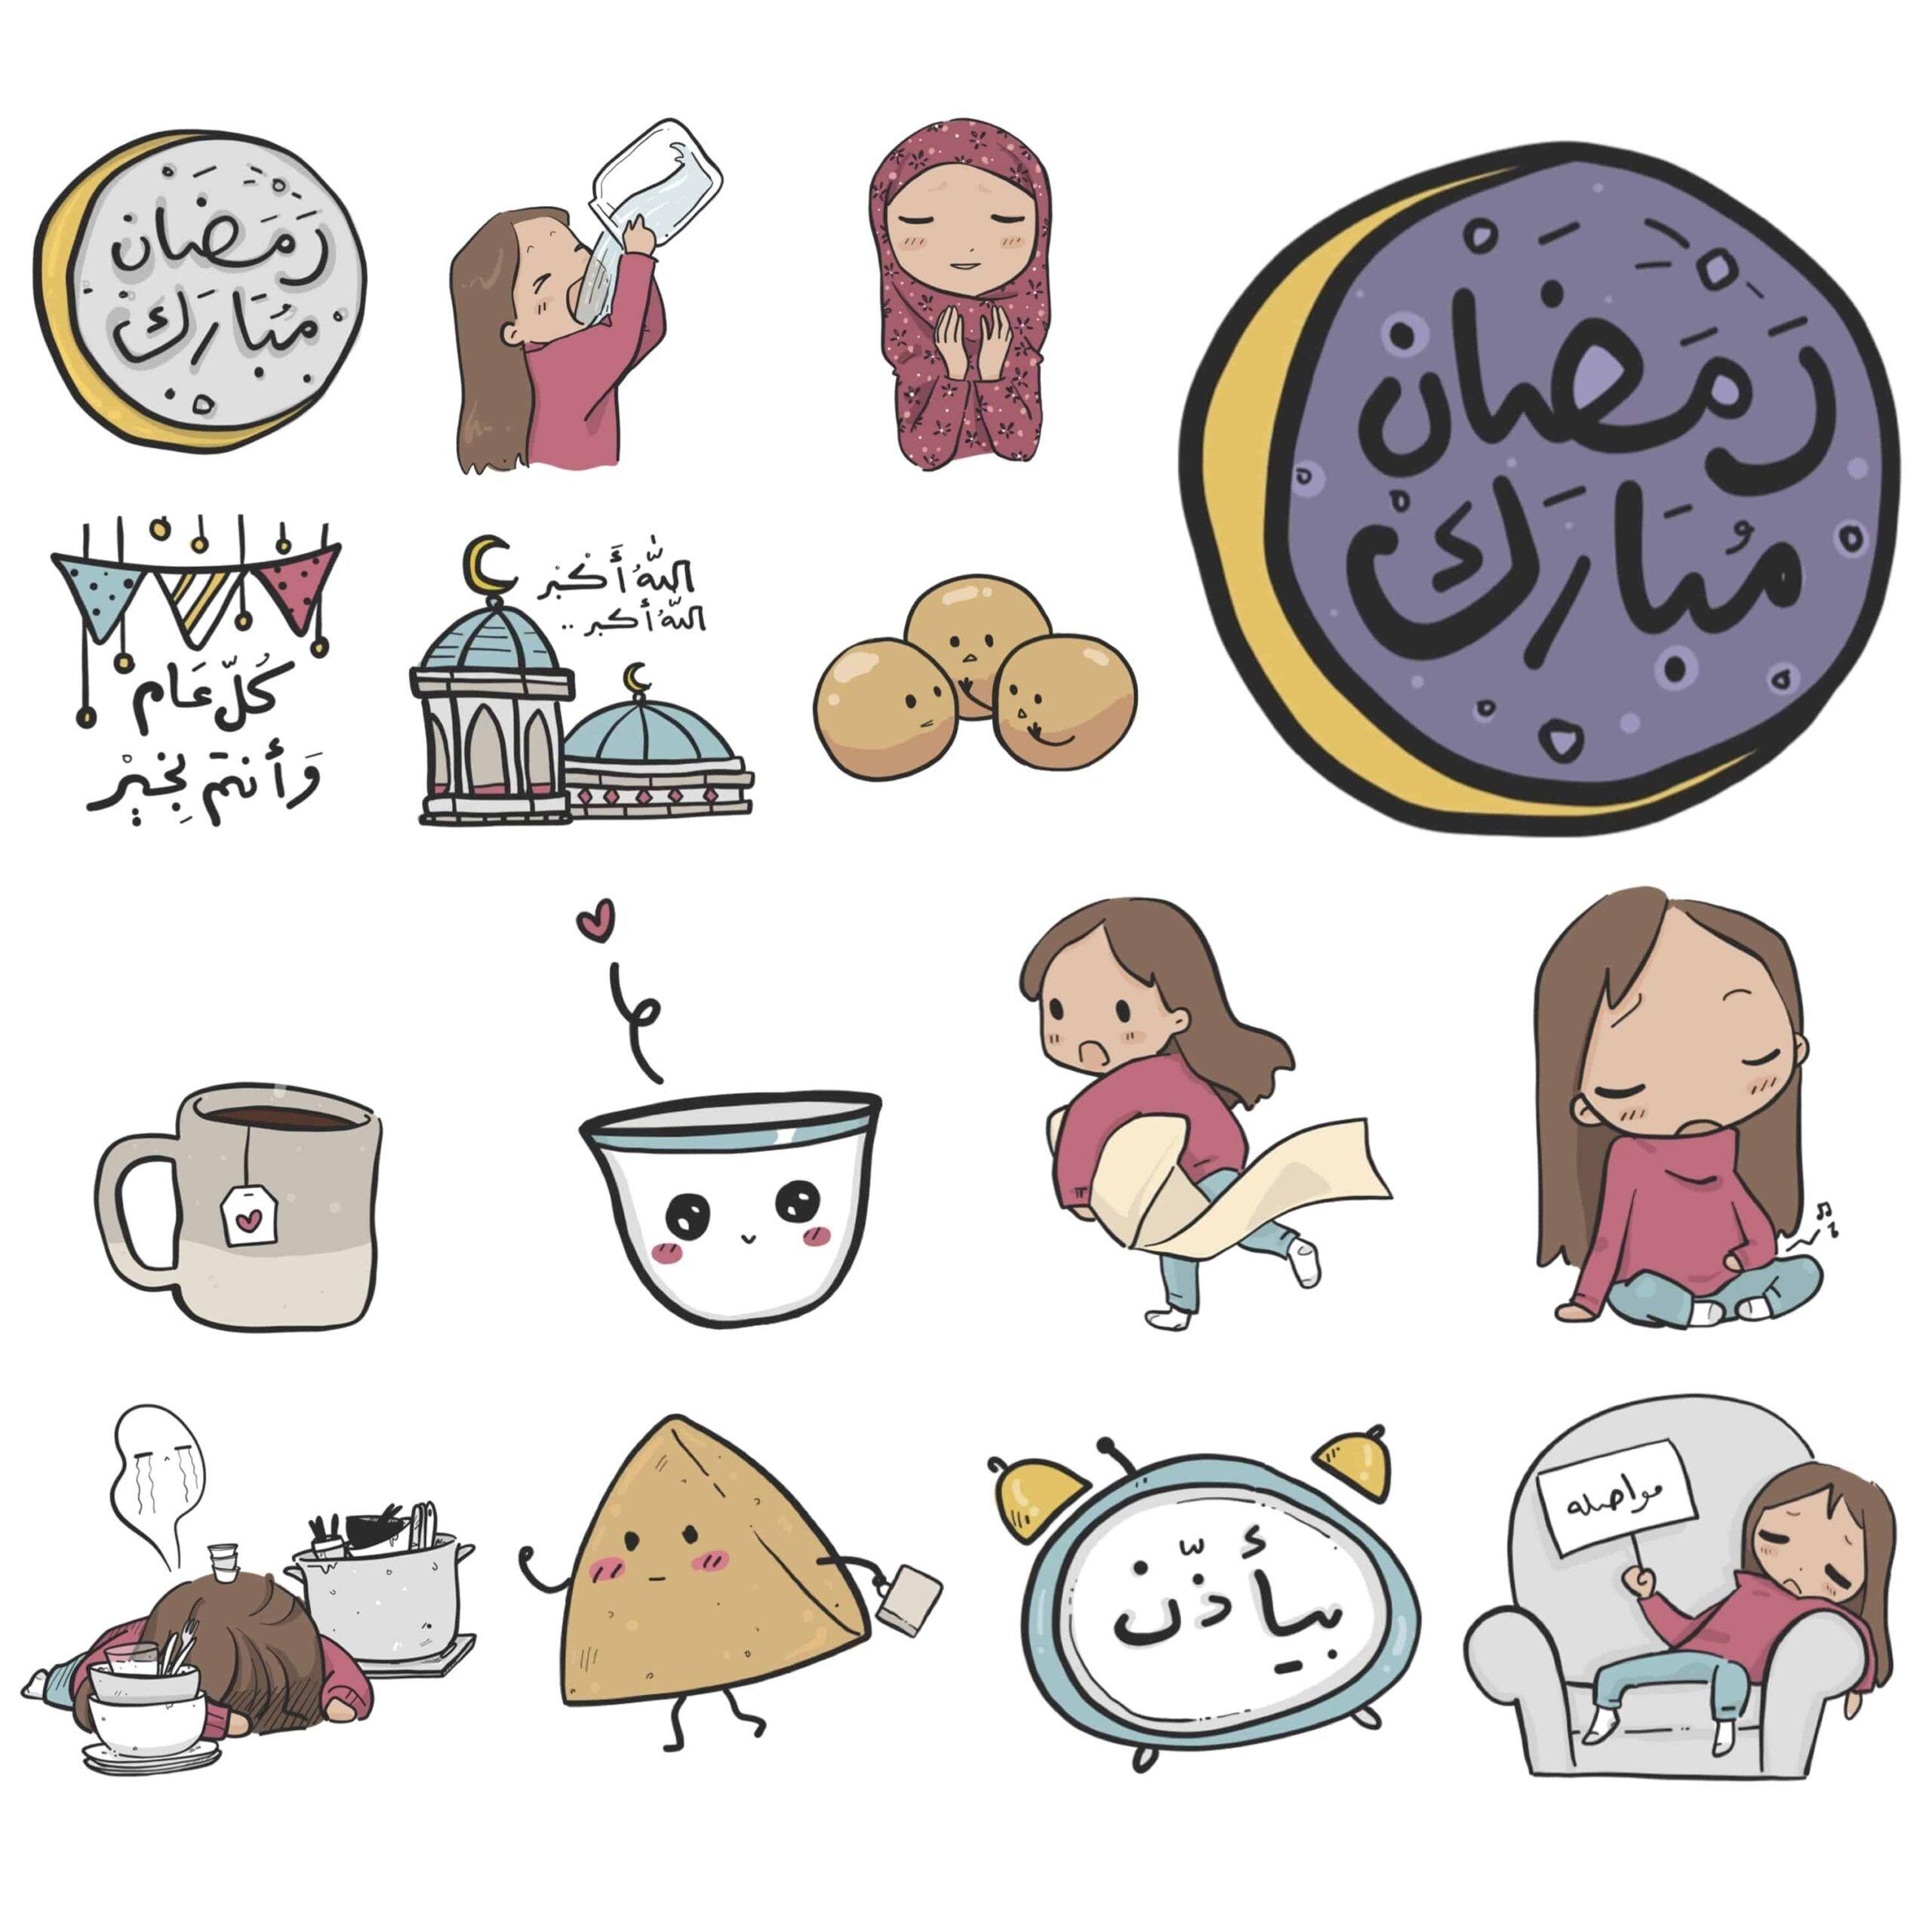 ستكرات طفلة في شهر رمضان في قمة الروعة In 2021